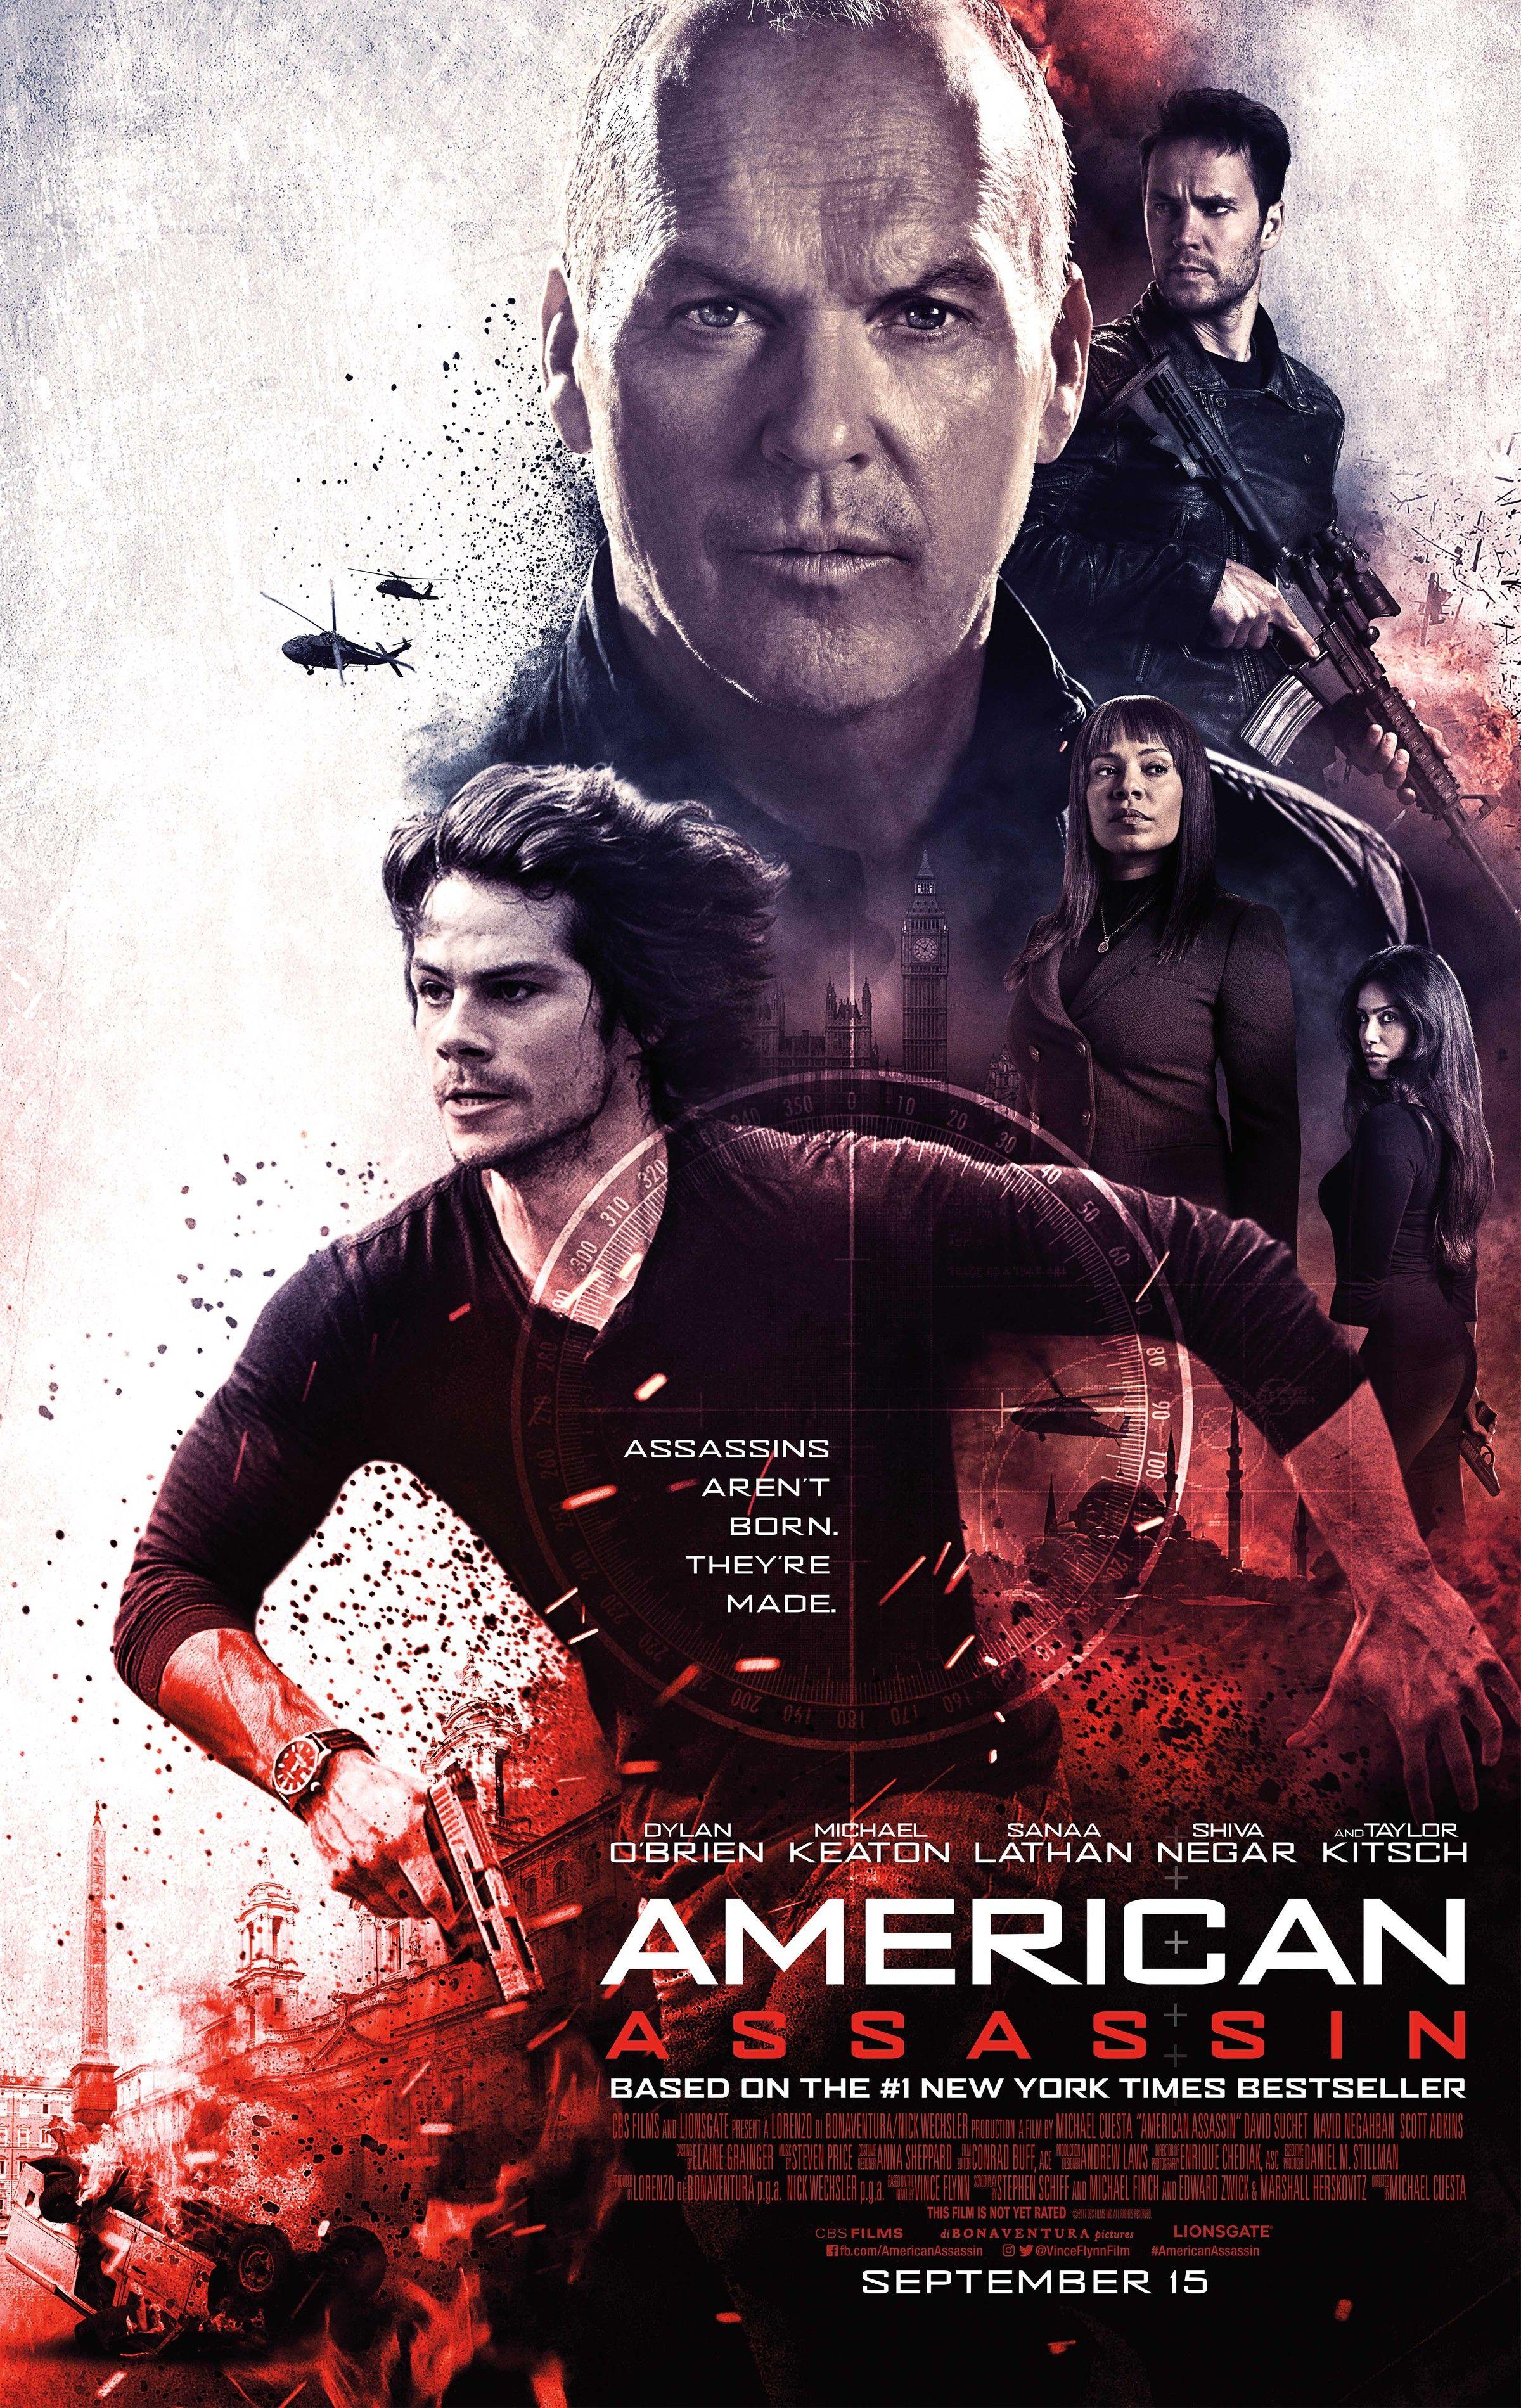 386-americanassassin_poster.jpg